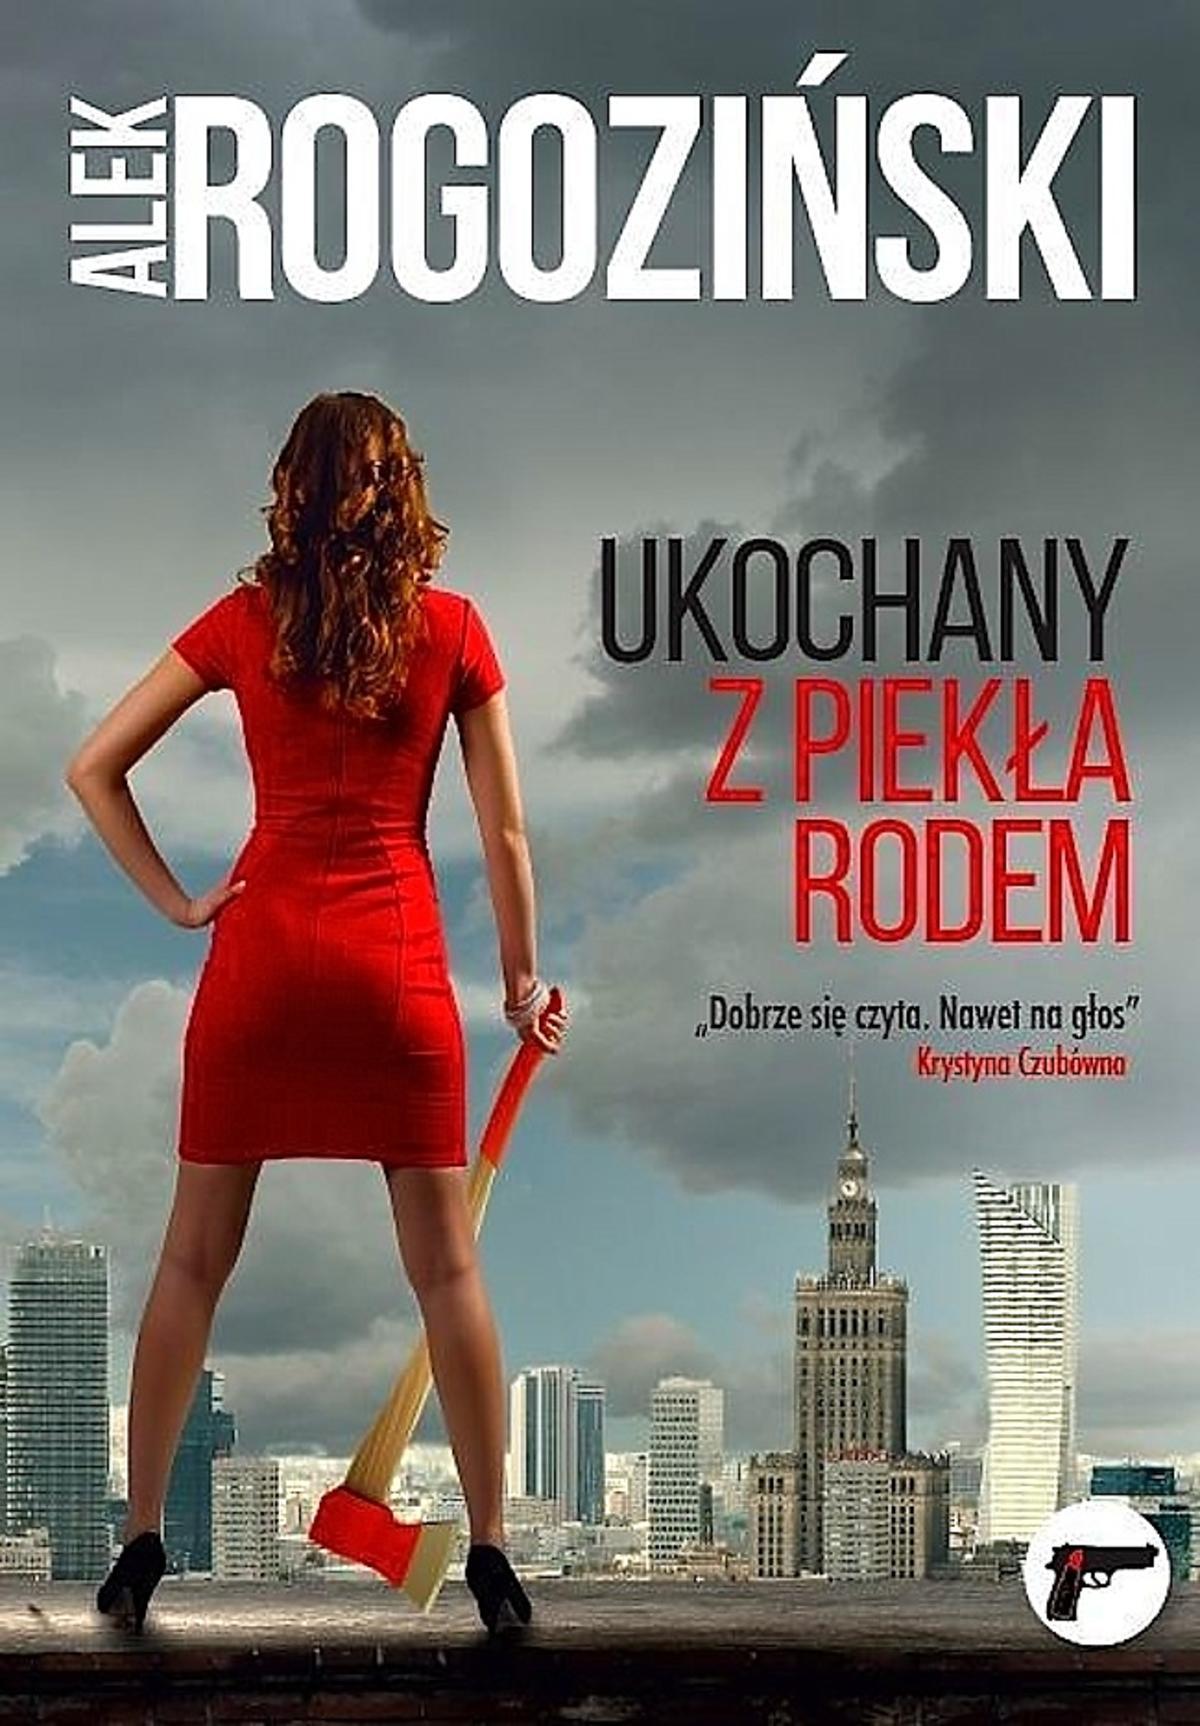 Ukochany z piekła rodem książka Aleksandra Rogozińskiego o Edycie Górniak